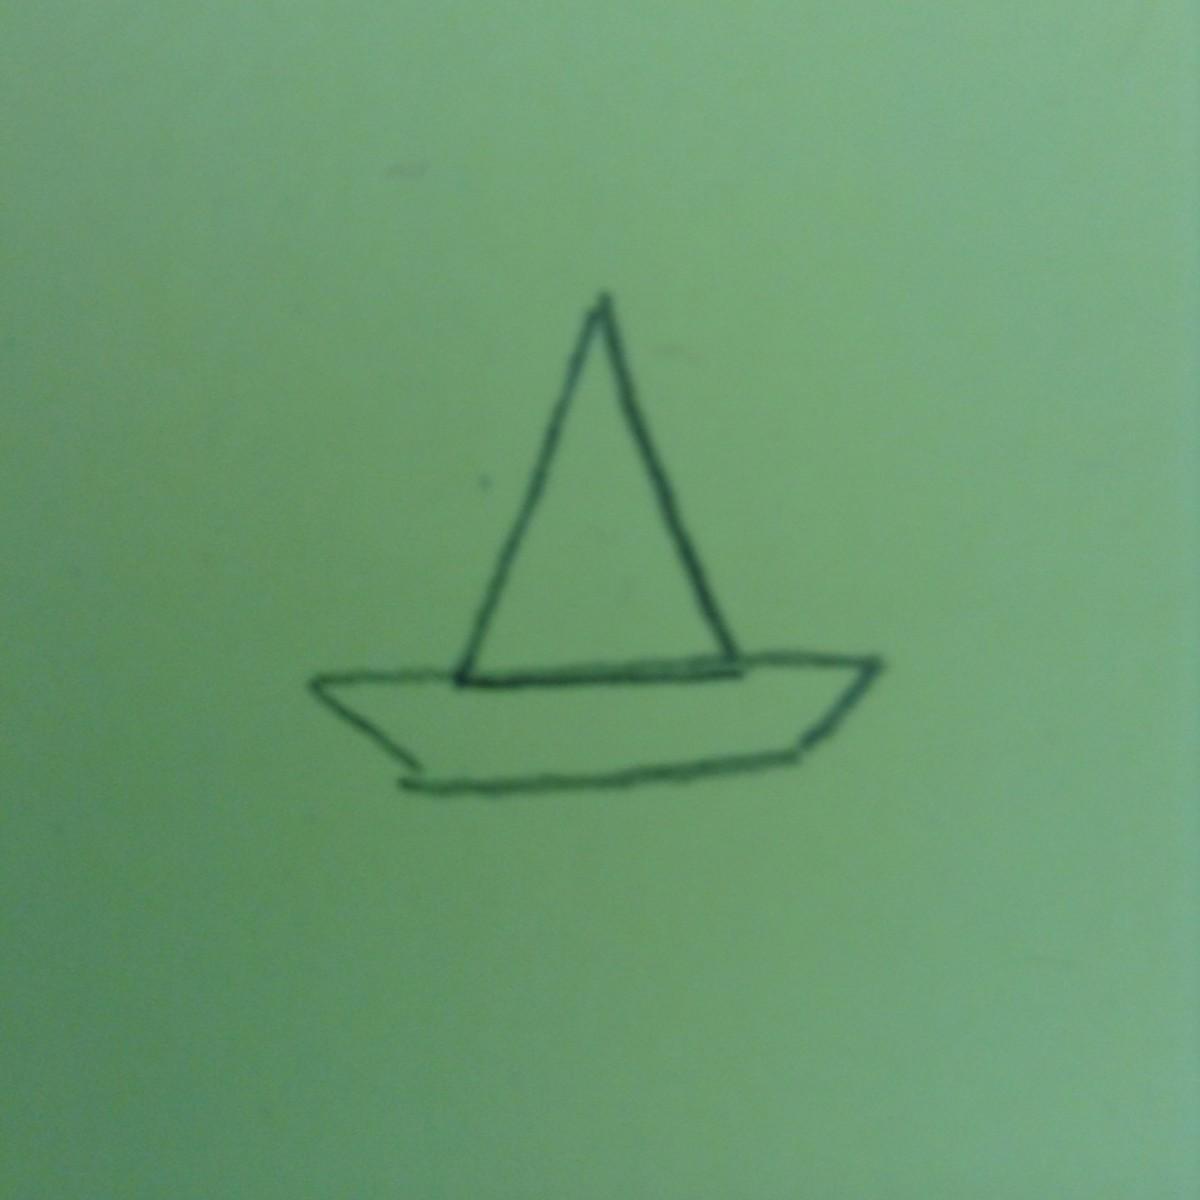 Add a trapezoid.